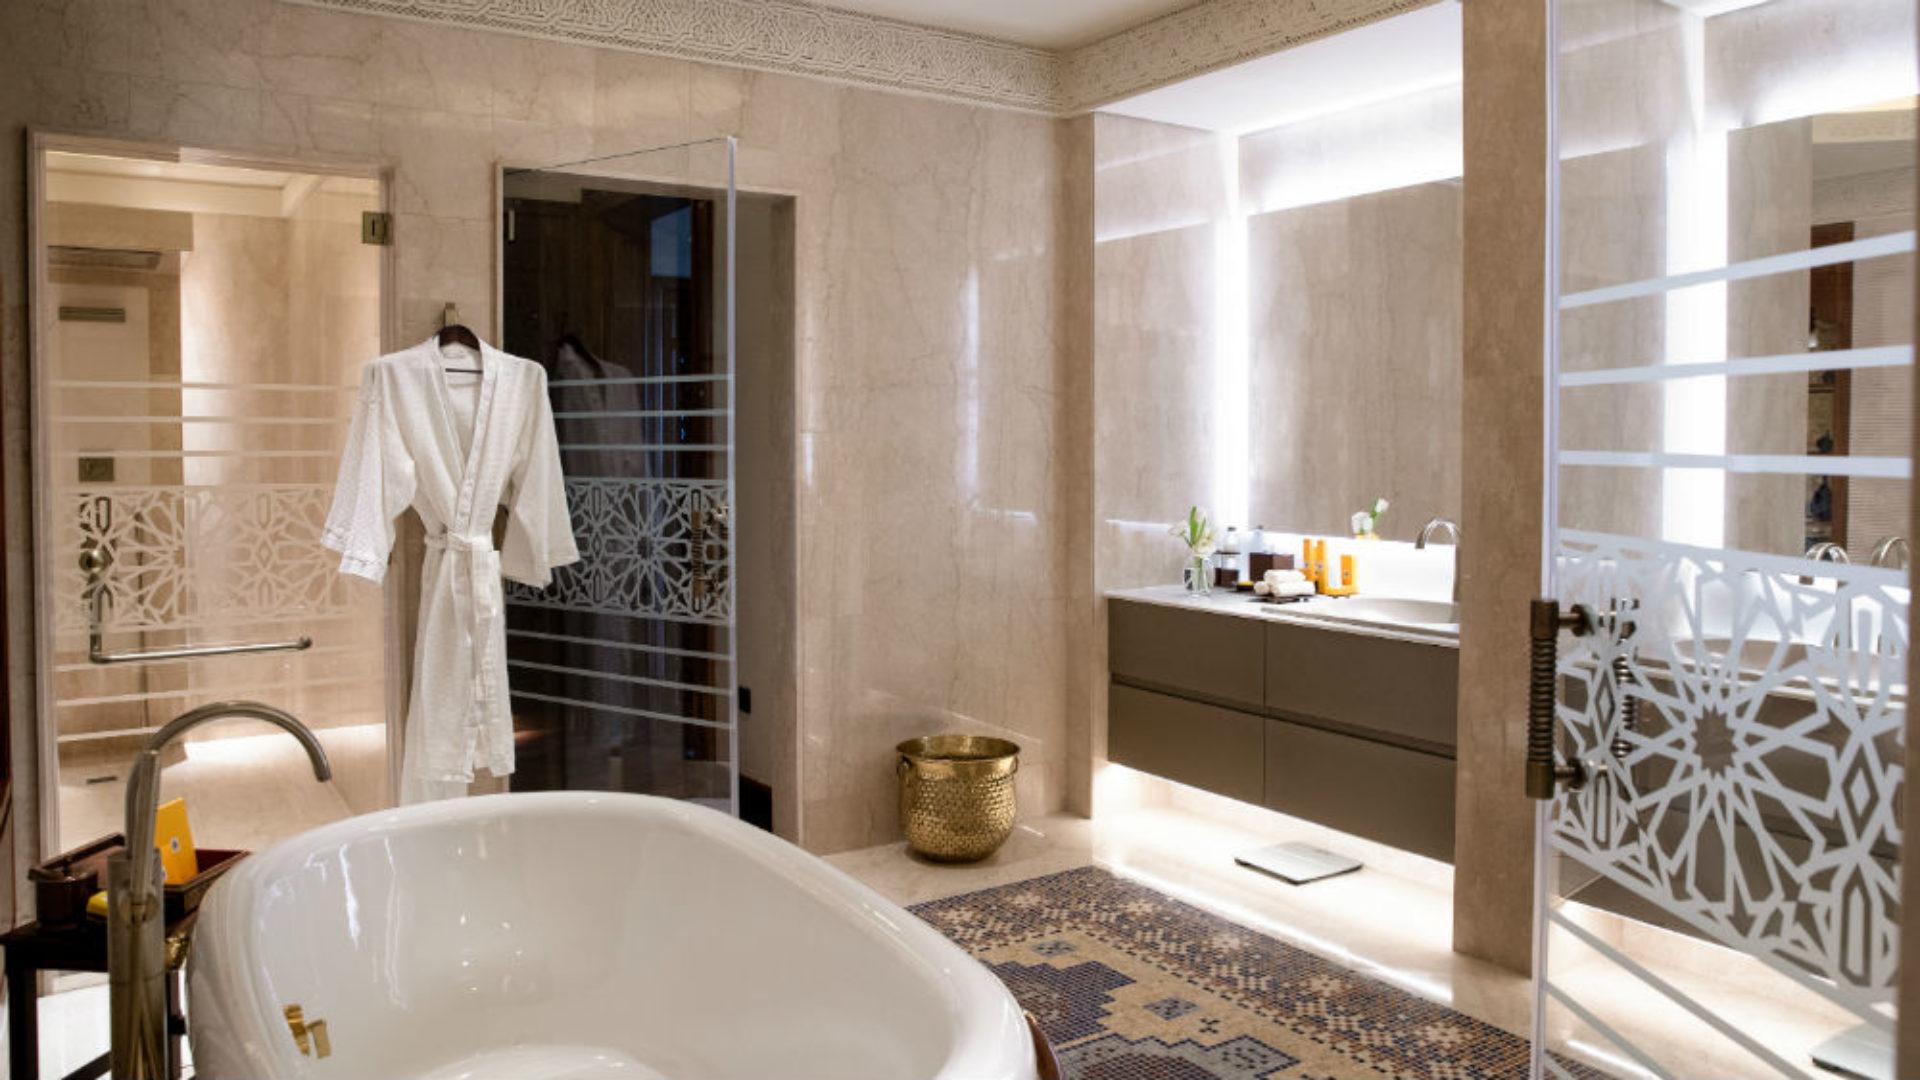 Royal Suite Bathroom at the Jumeirah Al Qasr